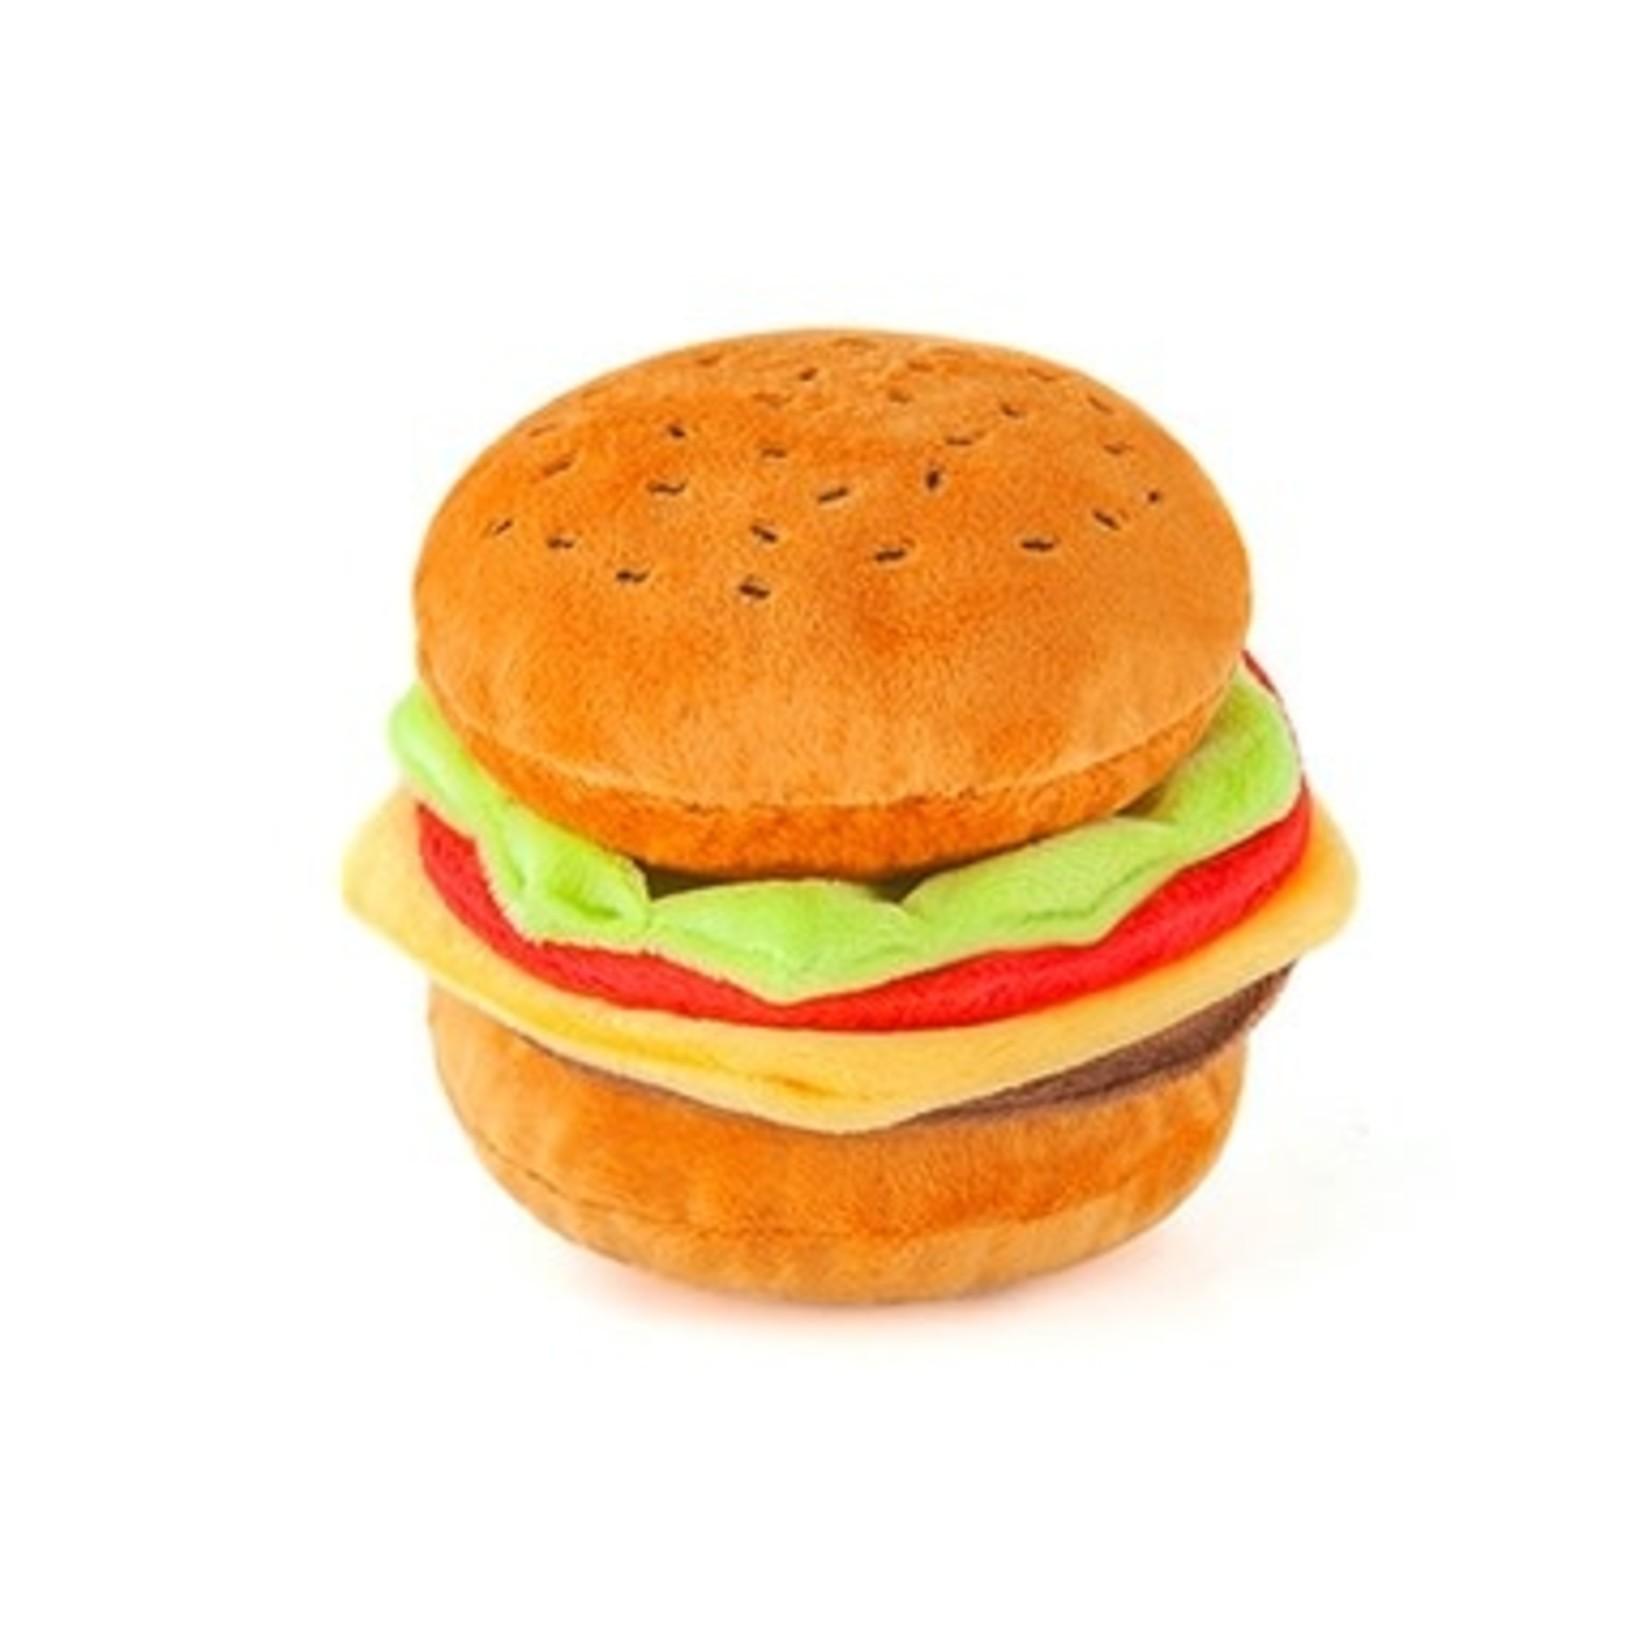 P.L.A.Y. P.L.A.Y. Burger (SPECIAL MINI SIZE)